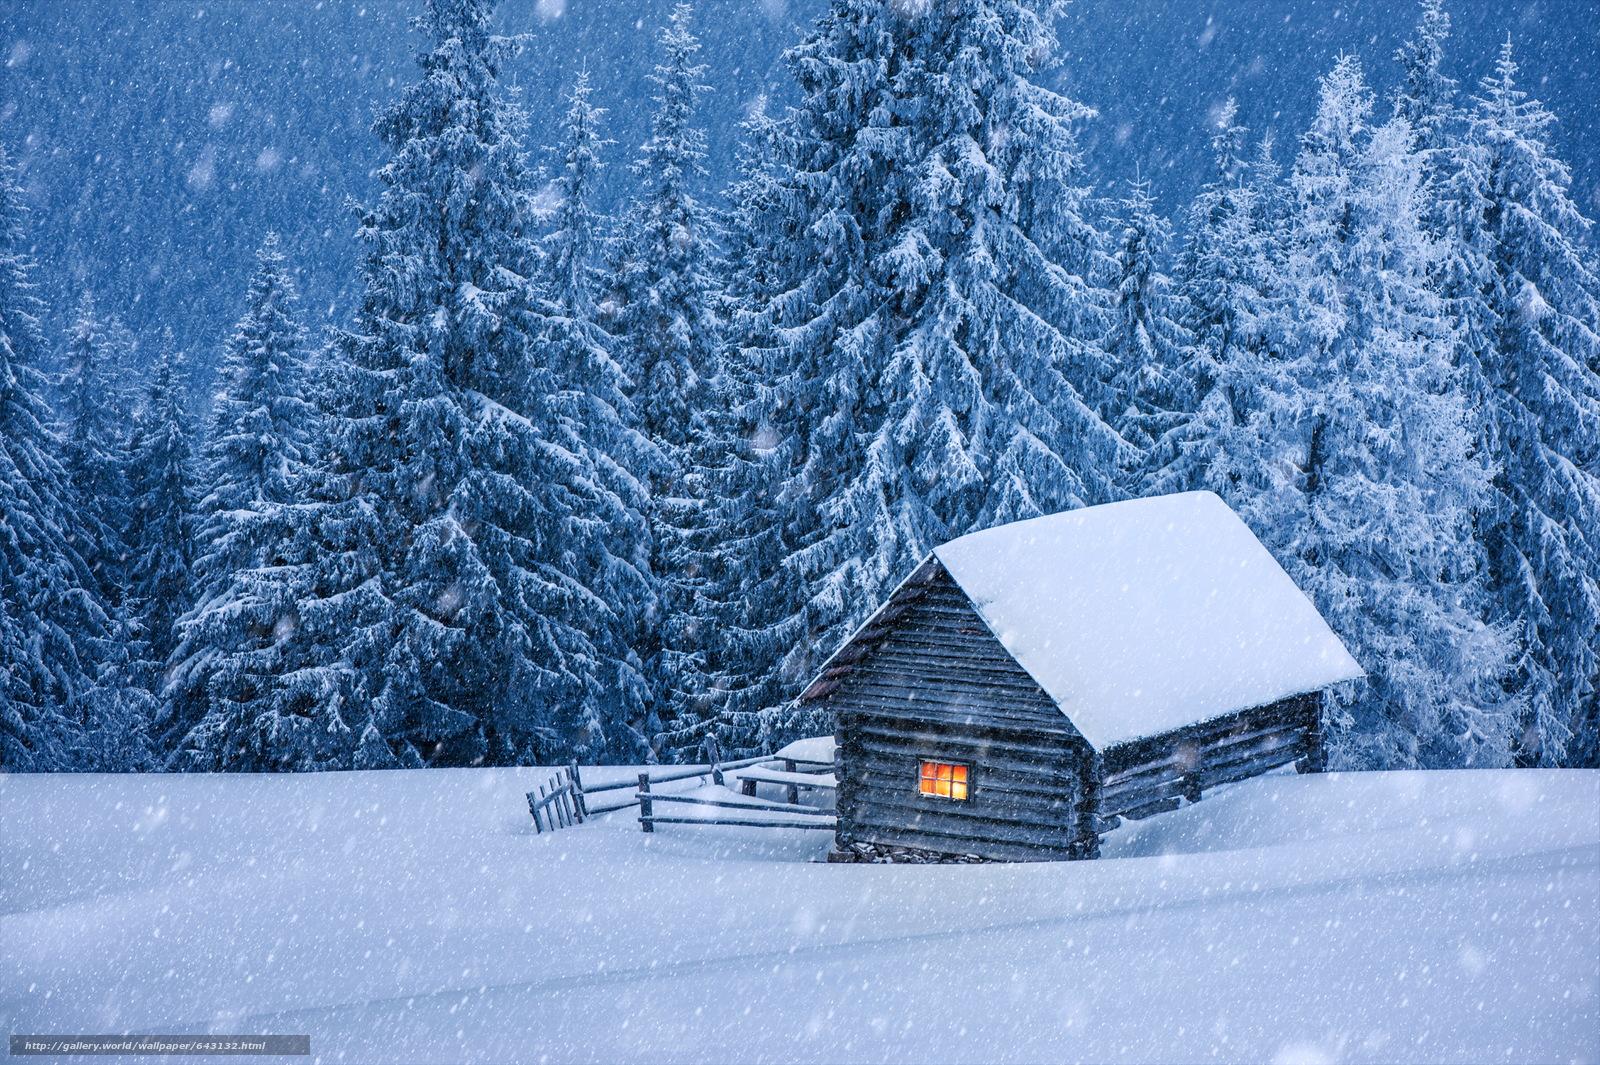 Скачать обои зима,  снег,  сугробы,  деревья бесплатно для рабочего стола в разрешении 6000x3992 — картинка №643132